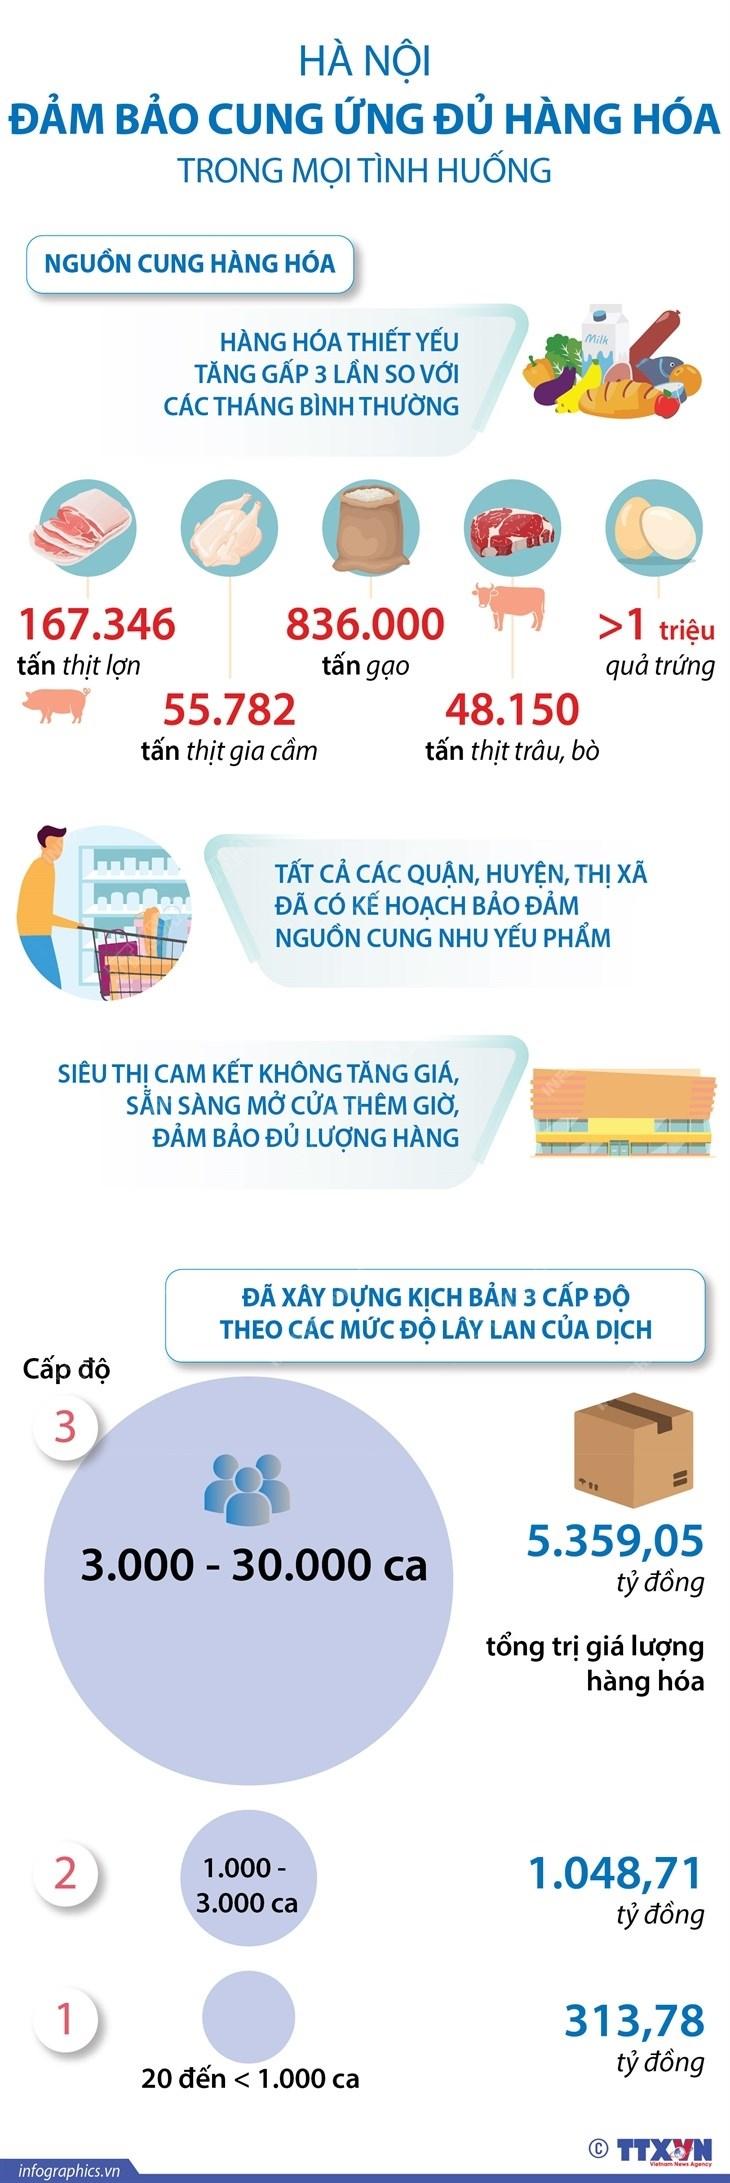 [Infographics] Ha Noi dam bao cung ung hang hoa trong moi tinh huong hinh anh 1